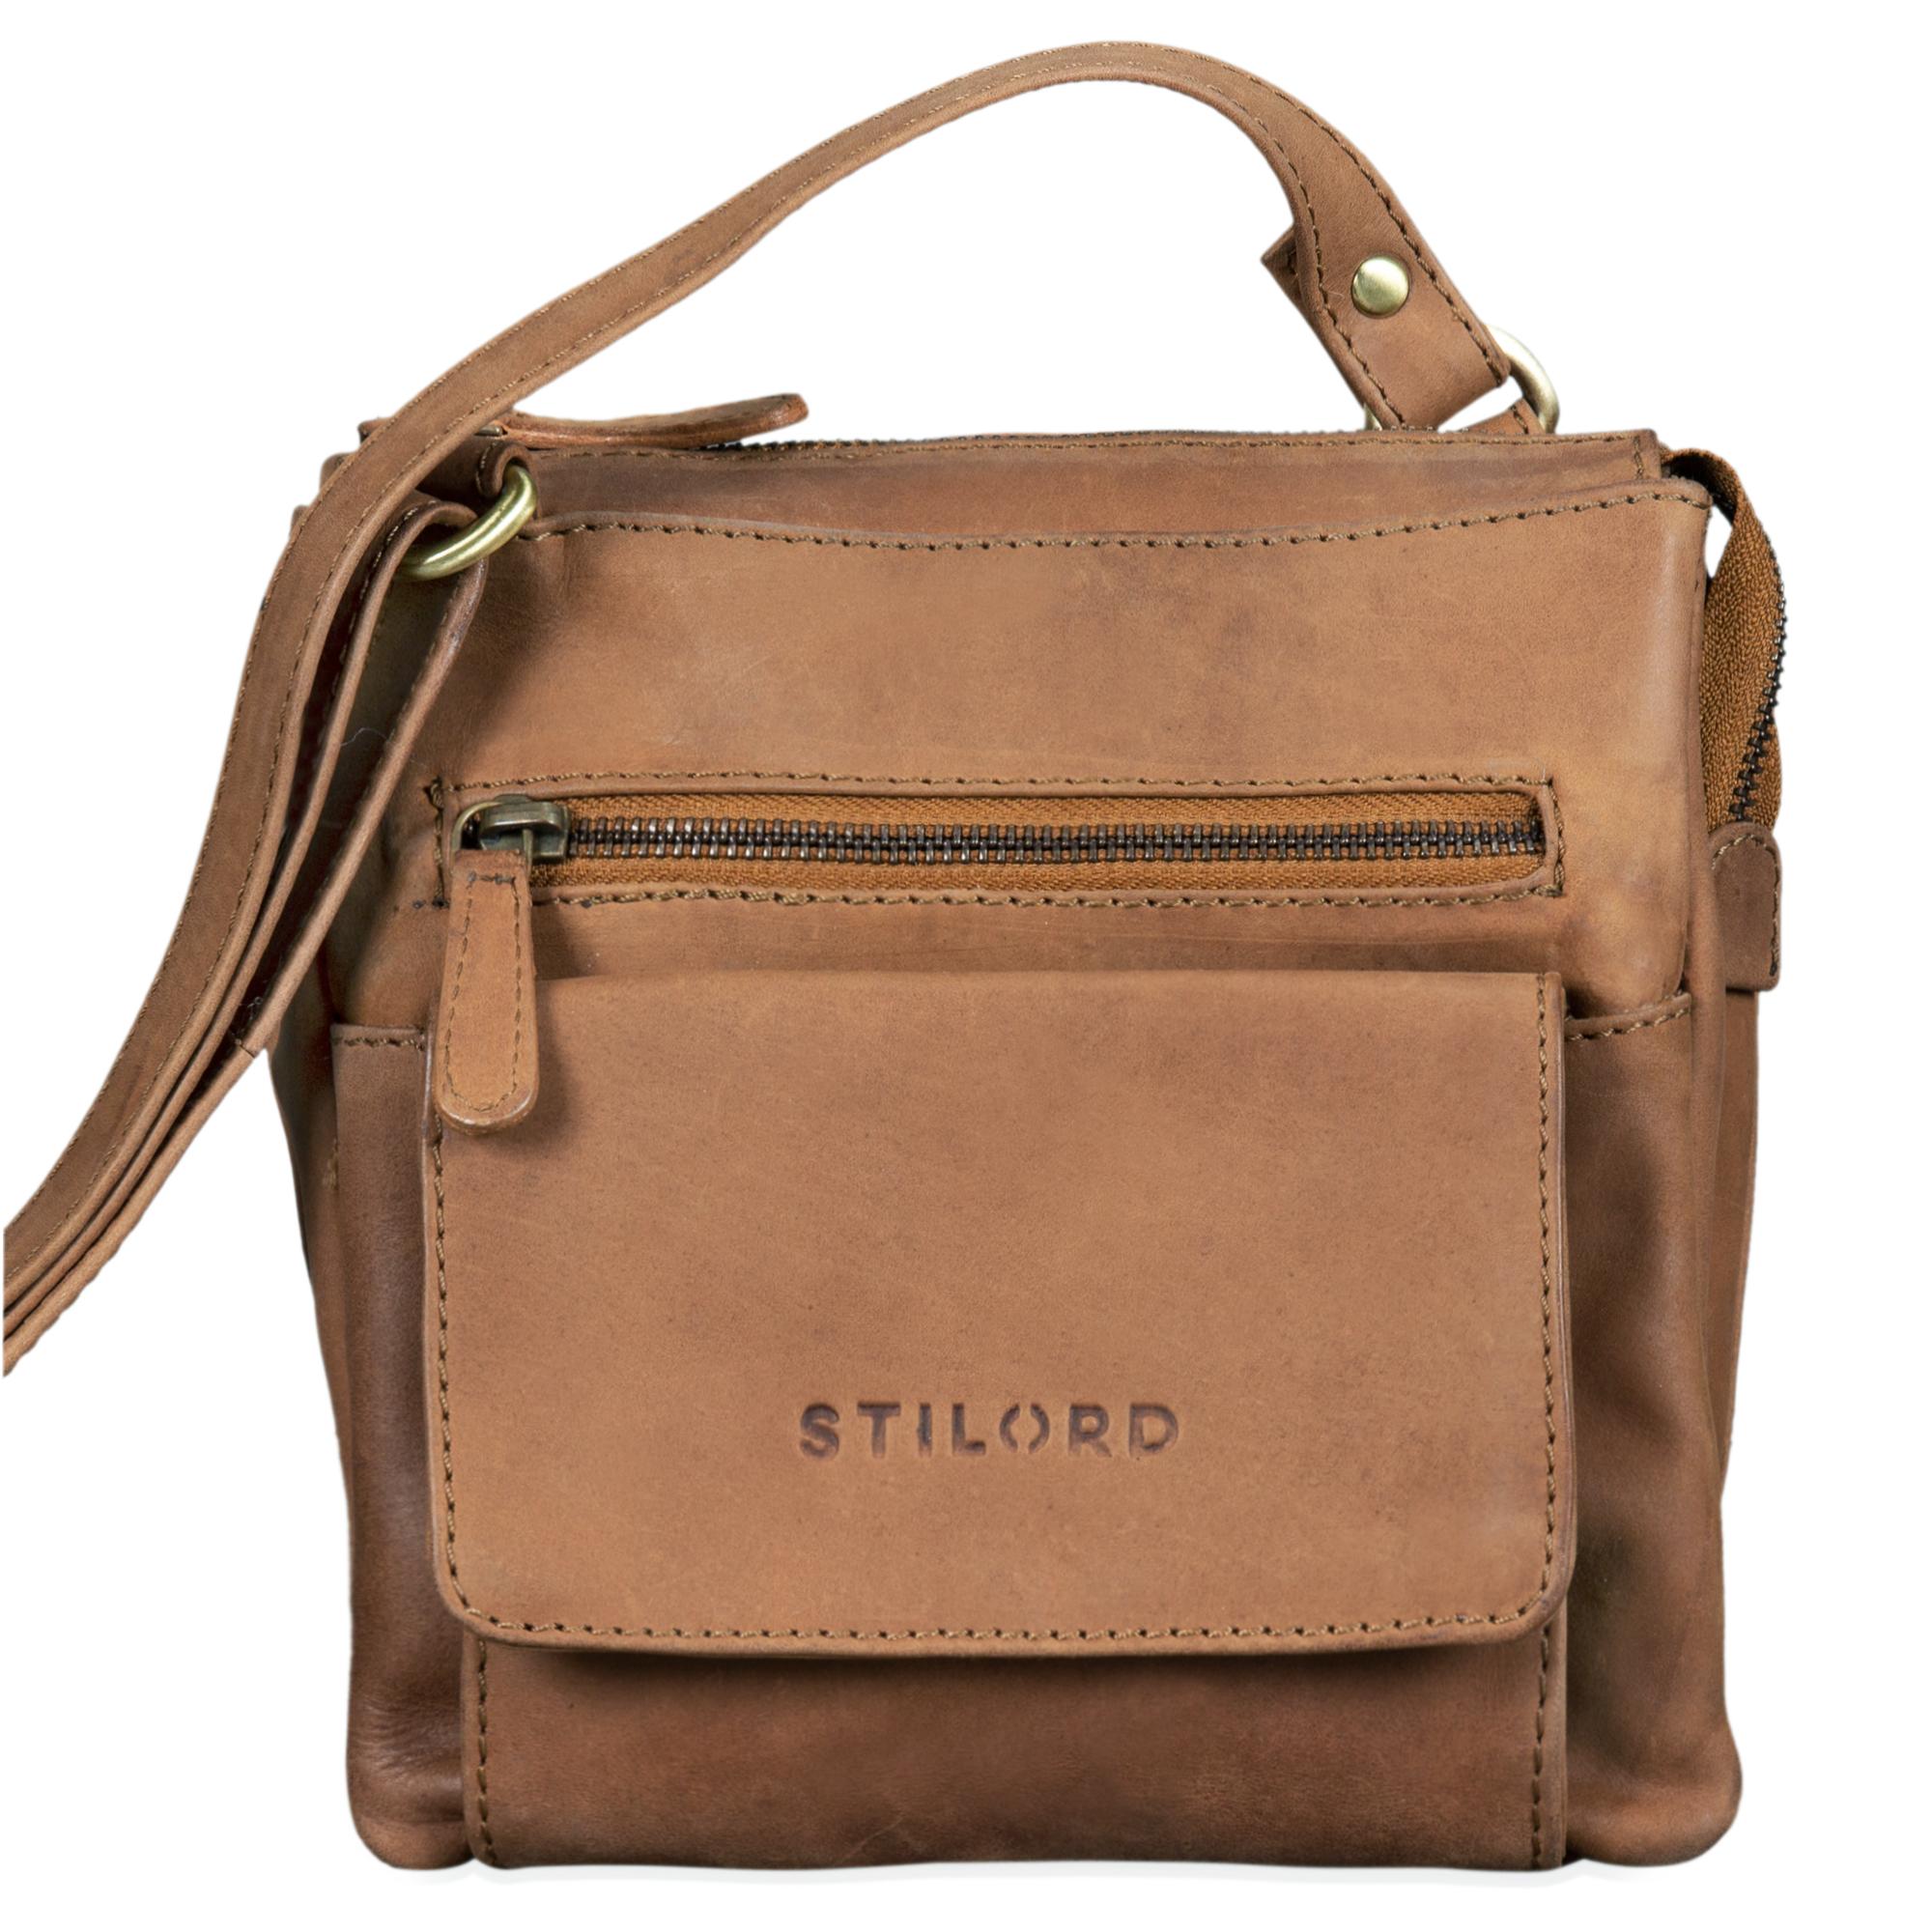 """STILORD """"Leon"""" Schultertasche klein Leder Herren Damen Umhängetasche Vintage Handtasche Ledertasche Crossbody Herrentasche - Bild 8"""